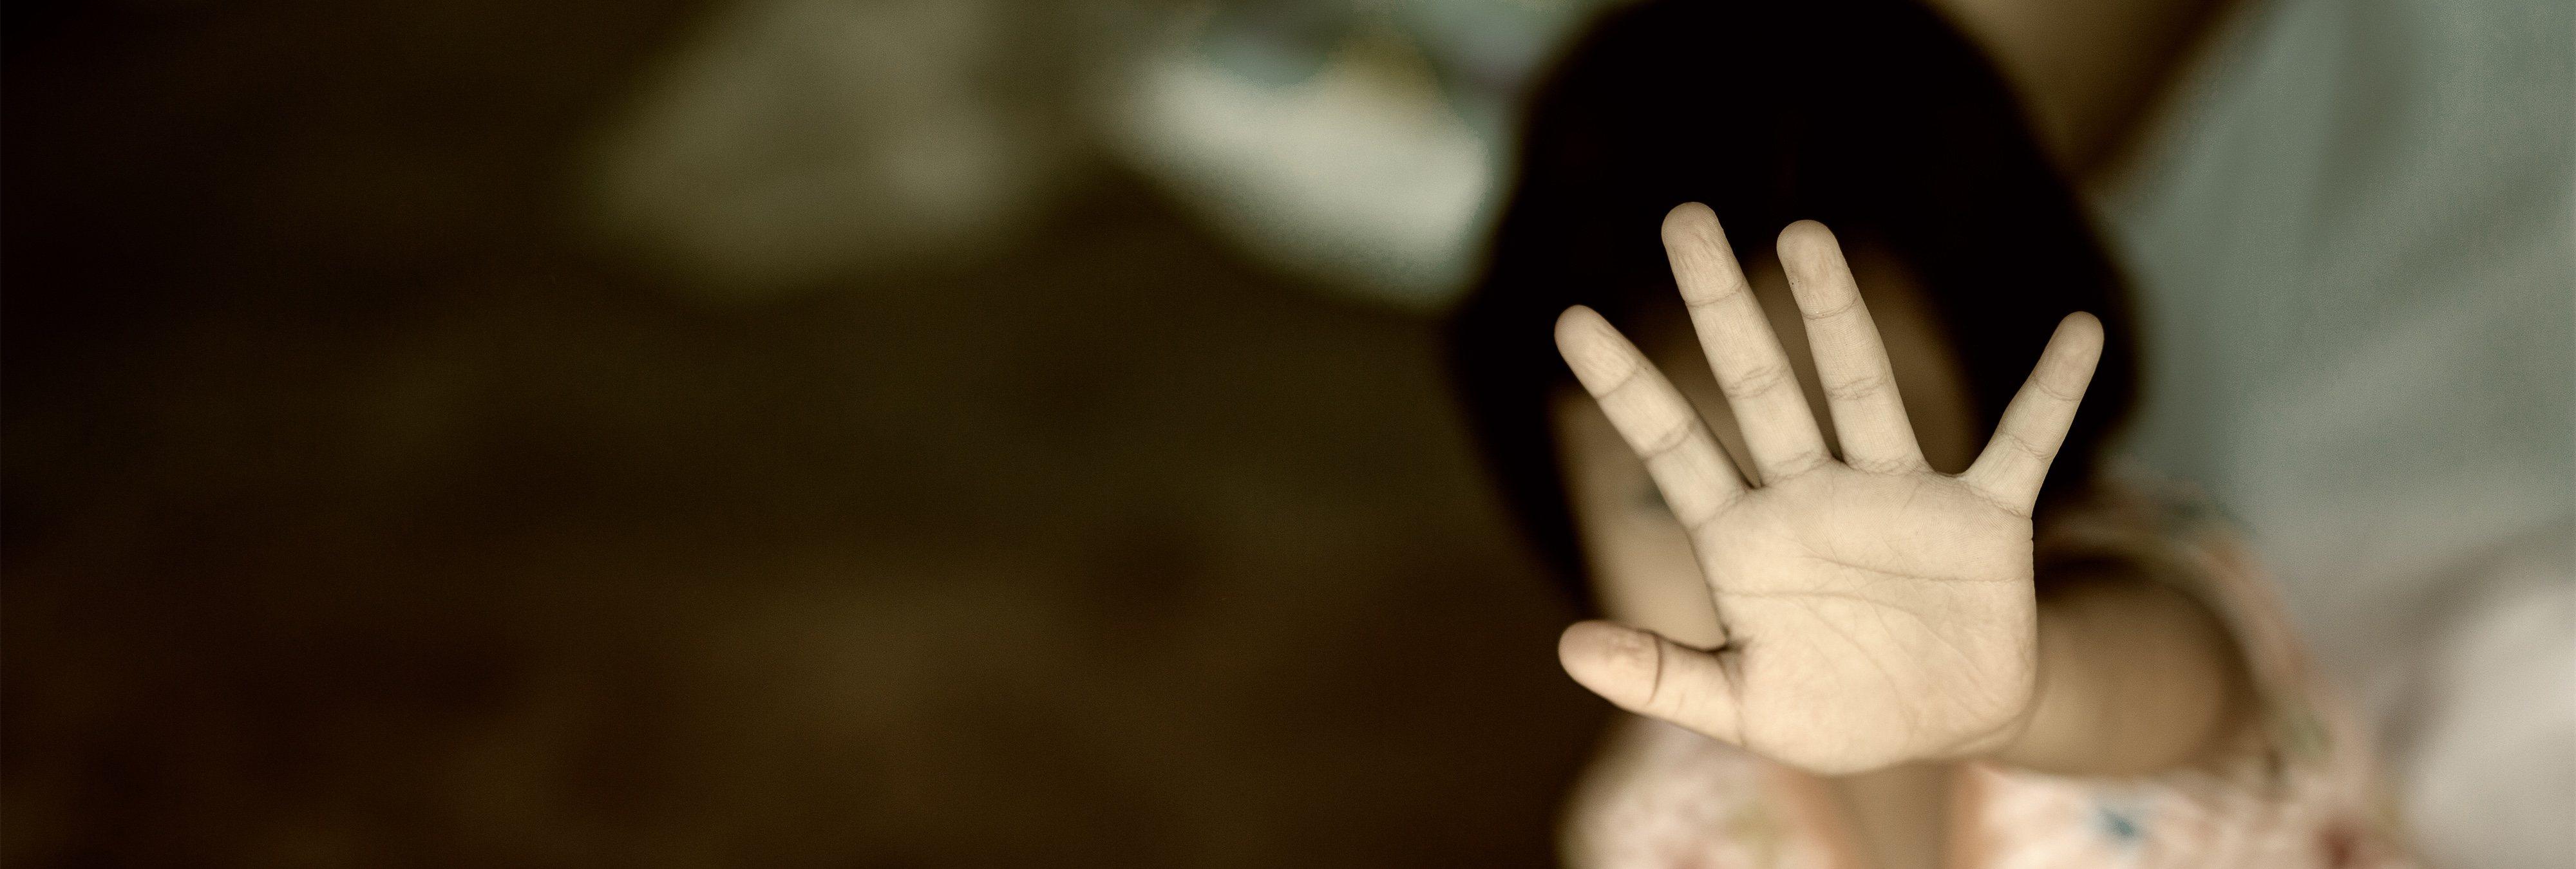 Rebajan la condena de 12 a 5 años a un hombre por abusar de su sobrina con discapacidad